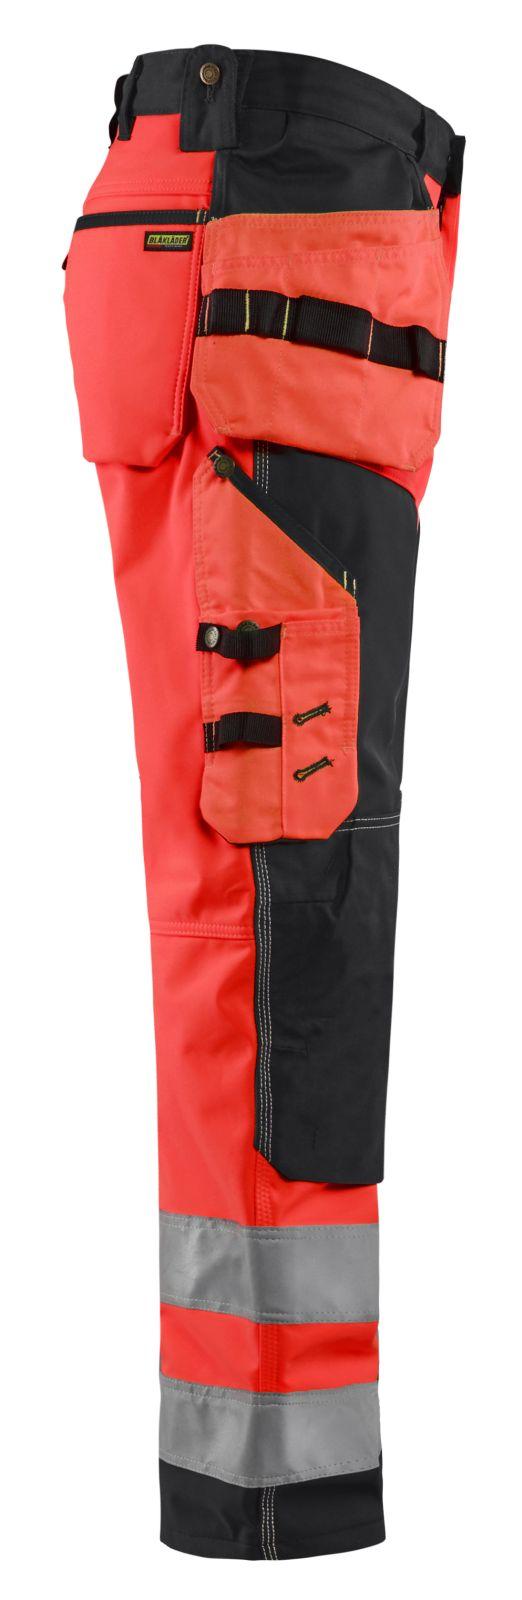 Blaklader Softshell werkbroeken 15672517 High Vis fluor rood-zwart(5599)